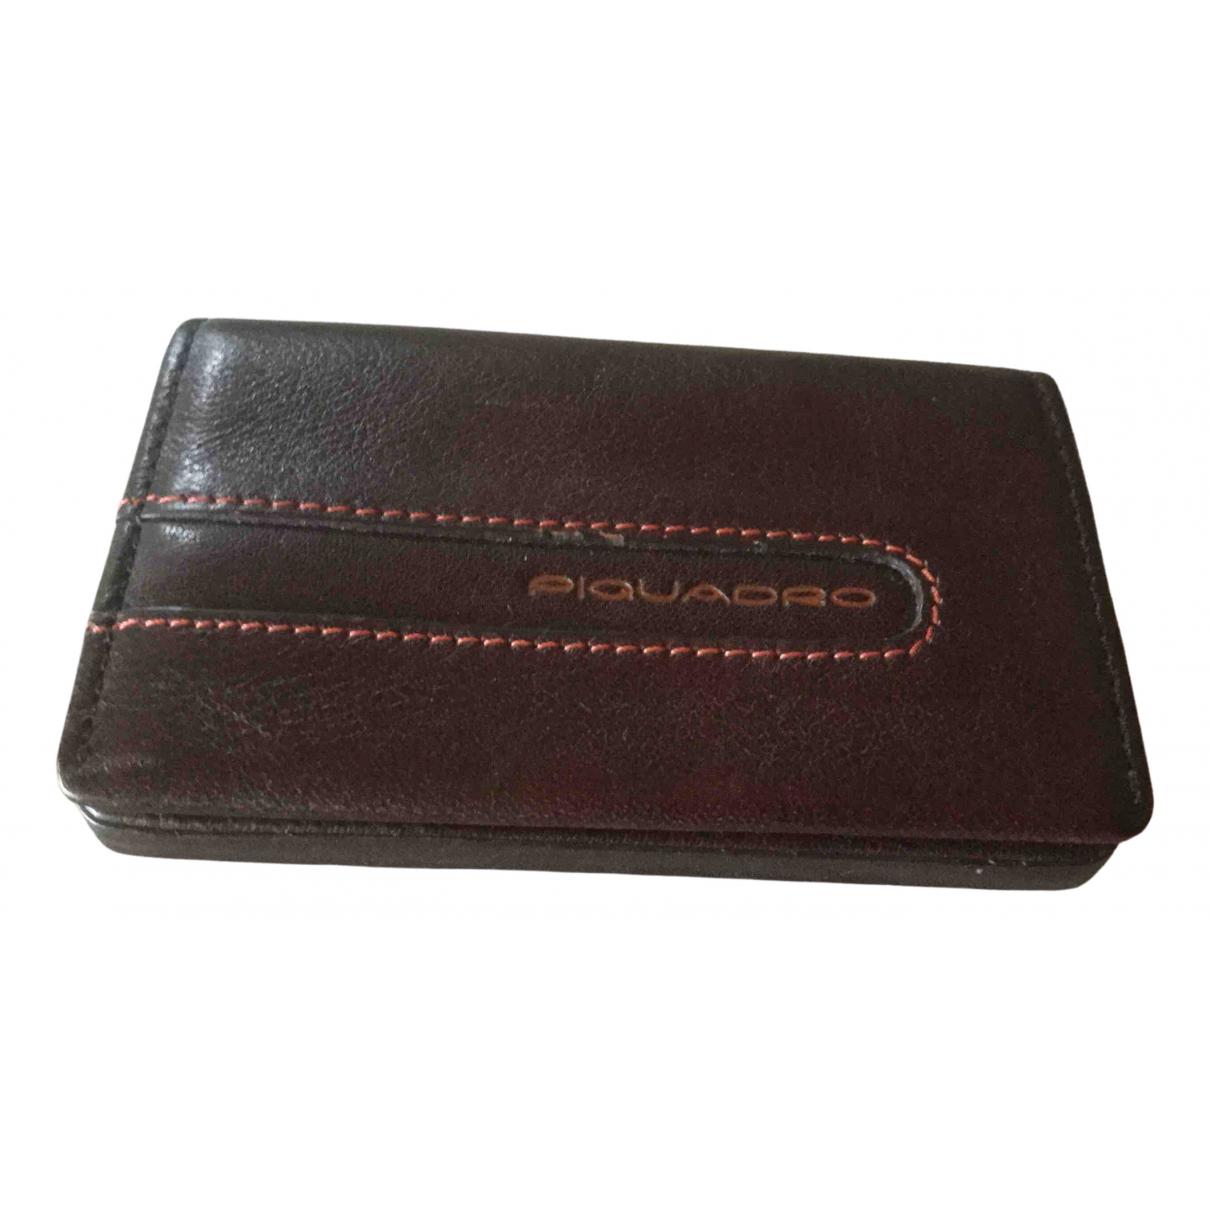 Piquadro - Petite maroquinerie   pour homme en cuir - marron